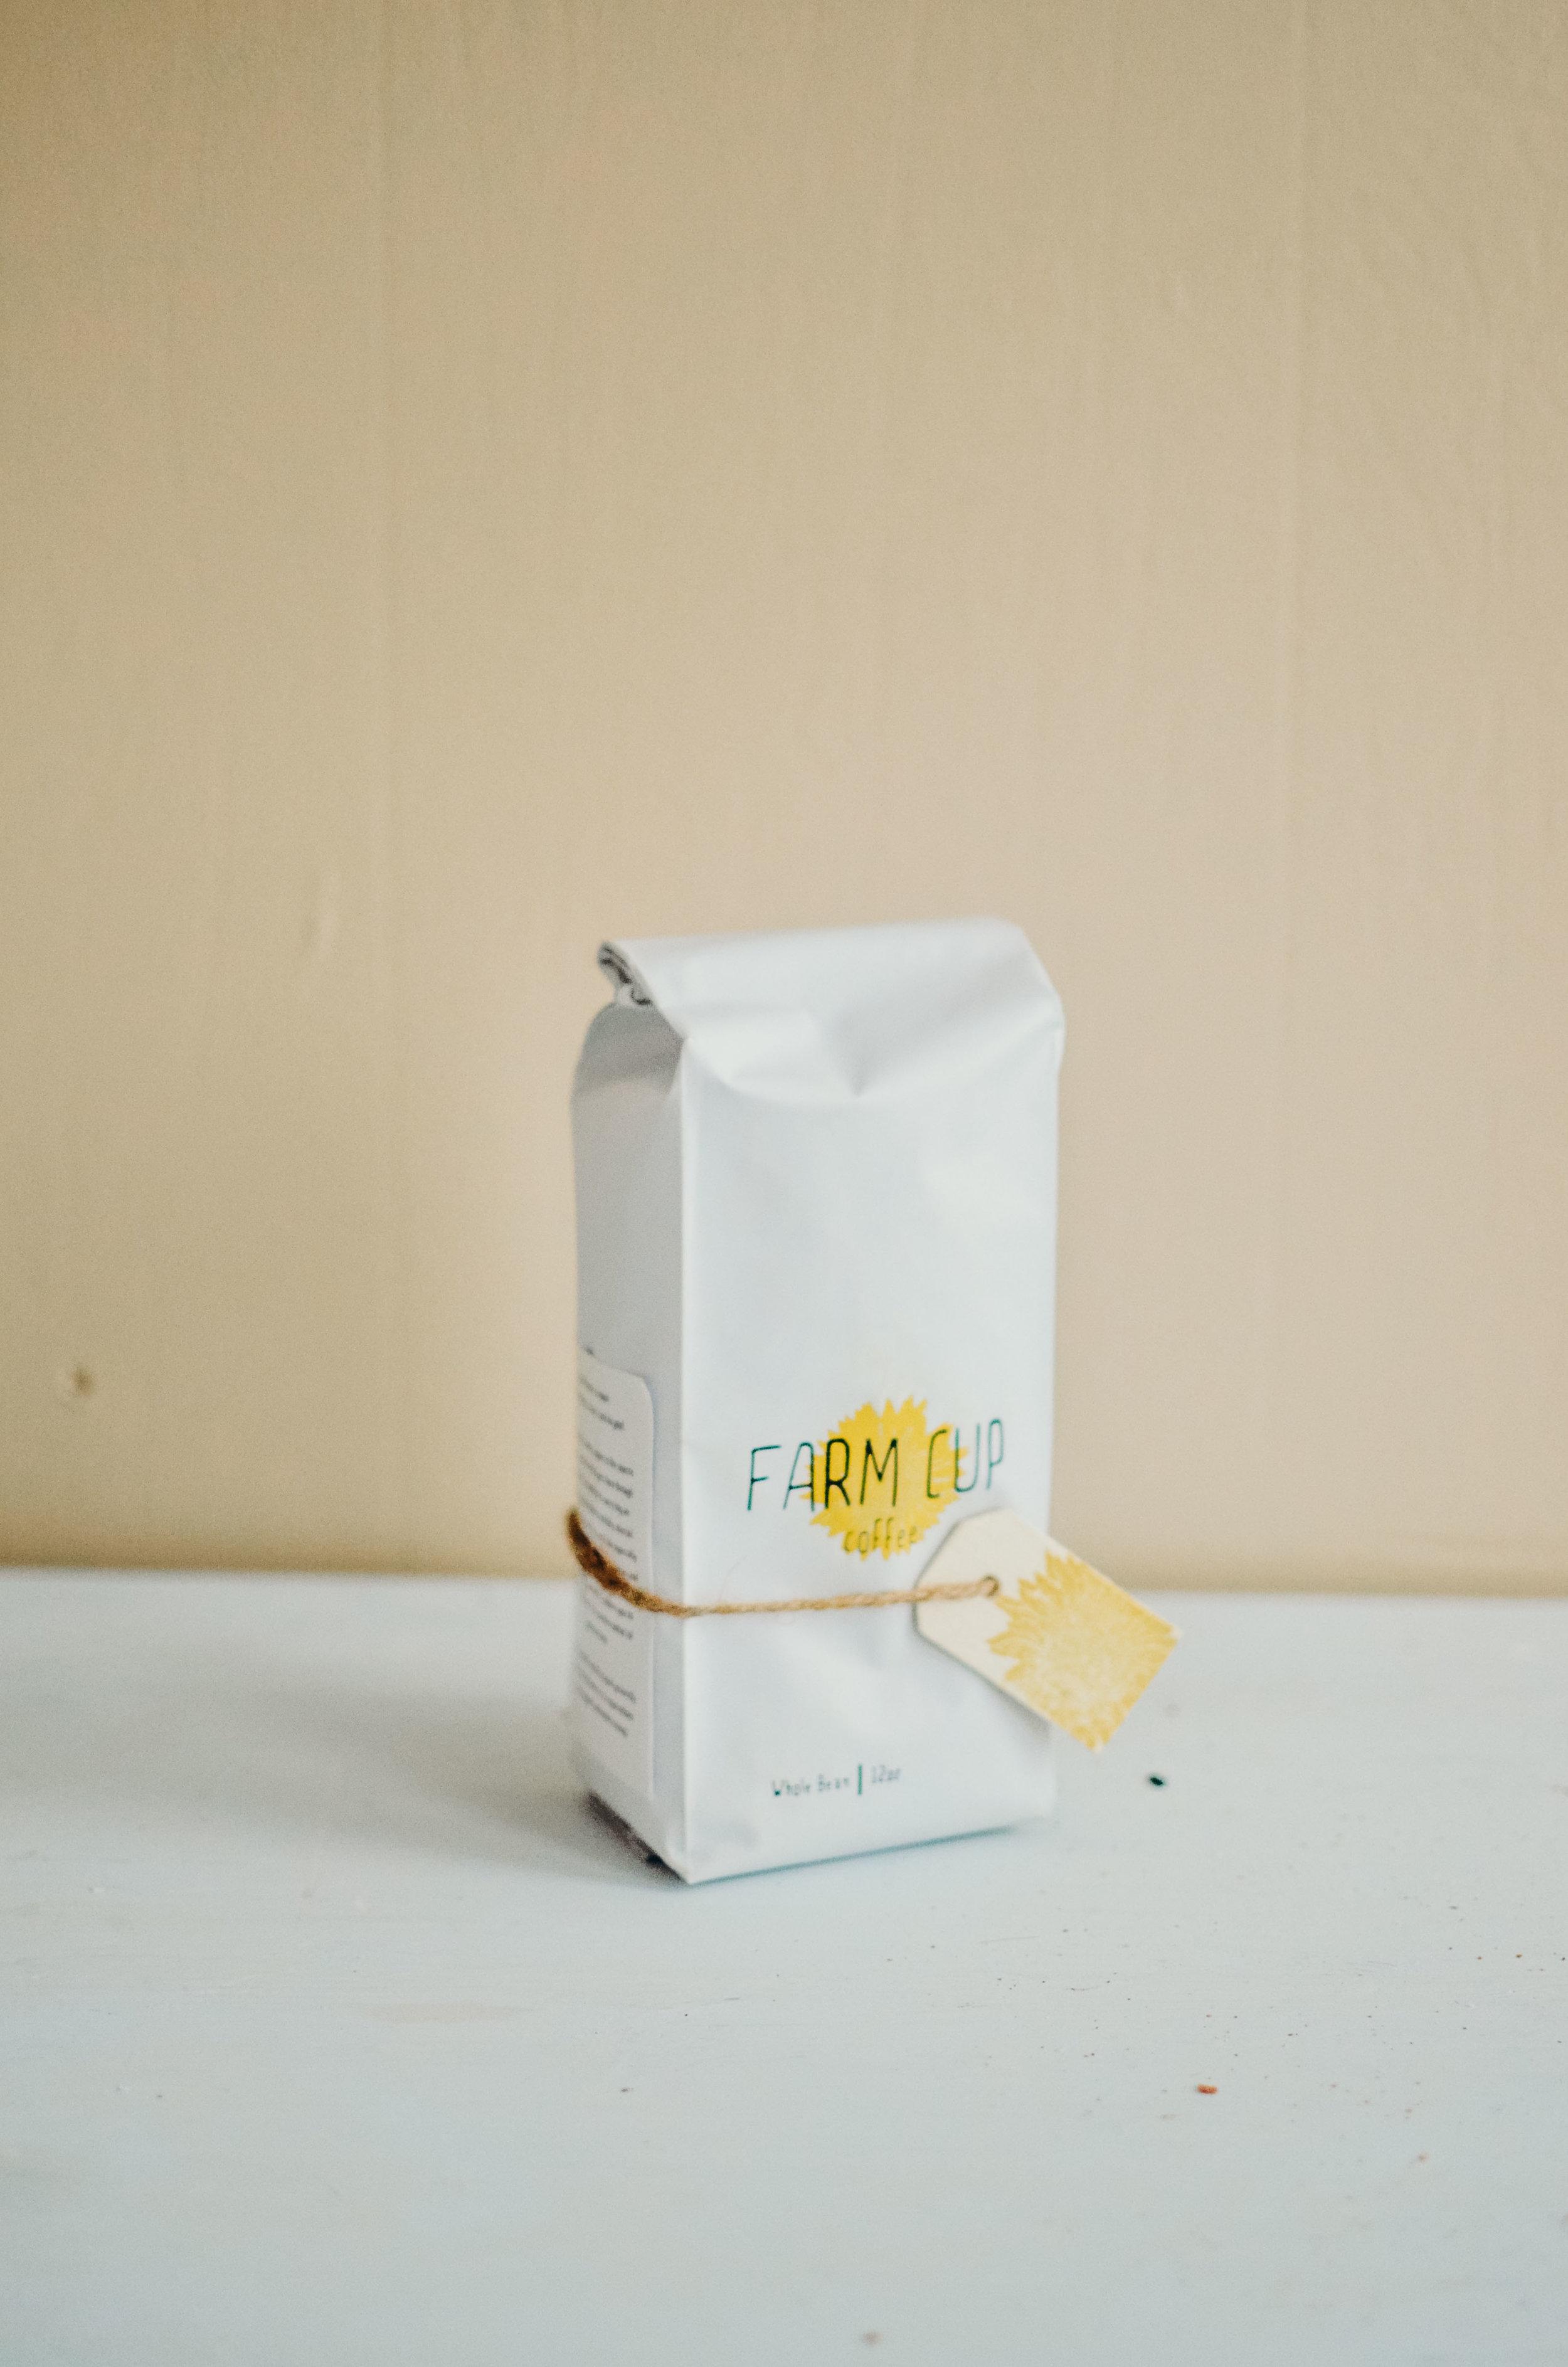 Wendling_Boyd_Farm_Cup_Coffee_Coffee_Culture-4.jpg